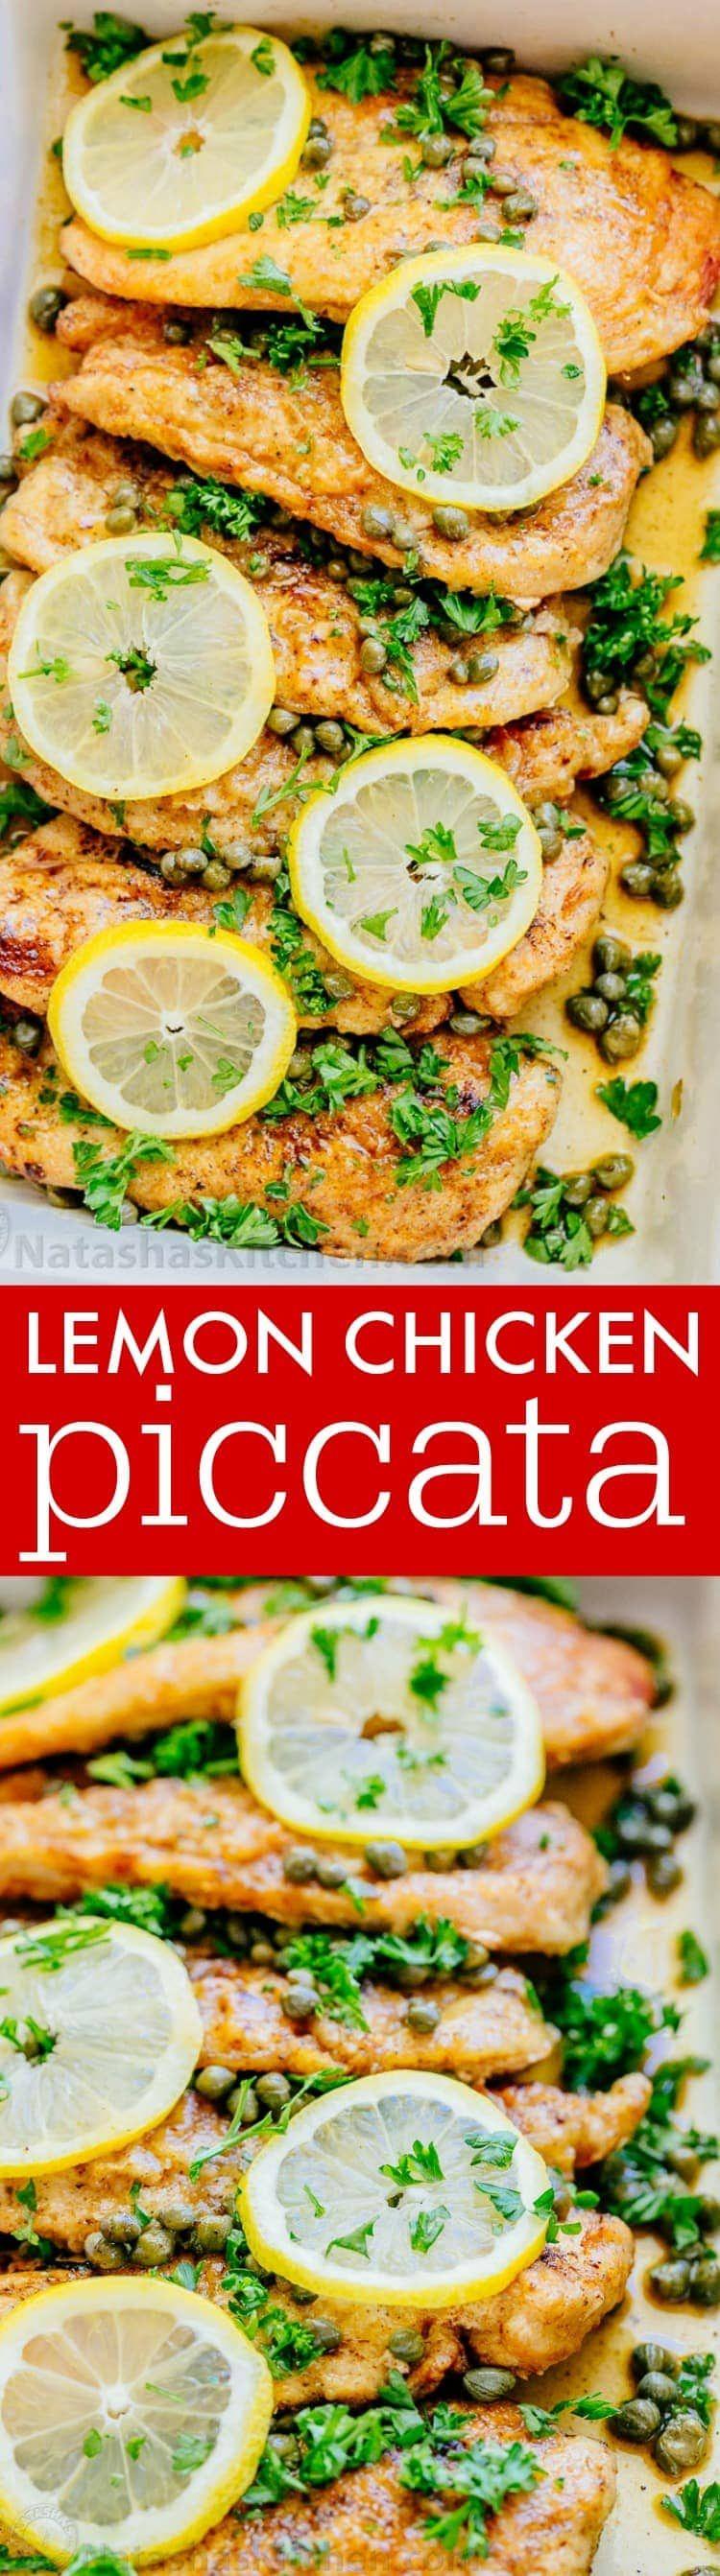 Chicken Piccata Recipe Video Natashaskitchen Com Chicken Piccata Recipe Chicken Piccata Chicken Recipes